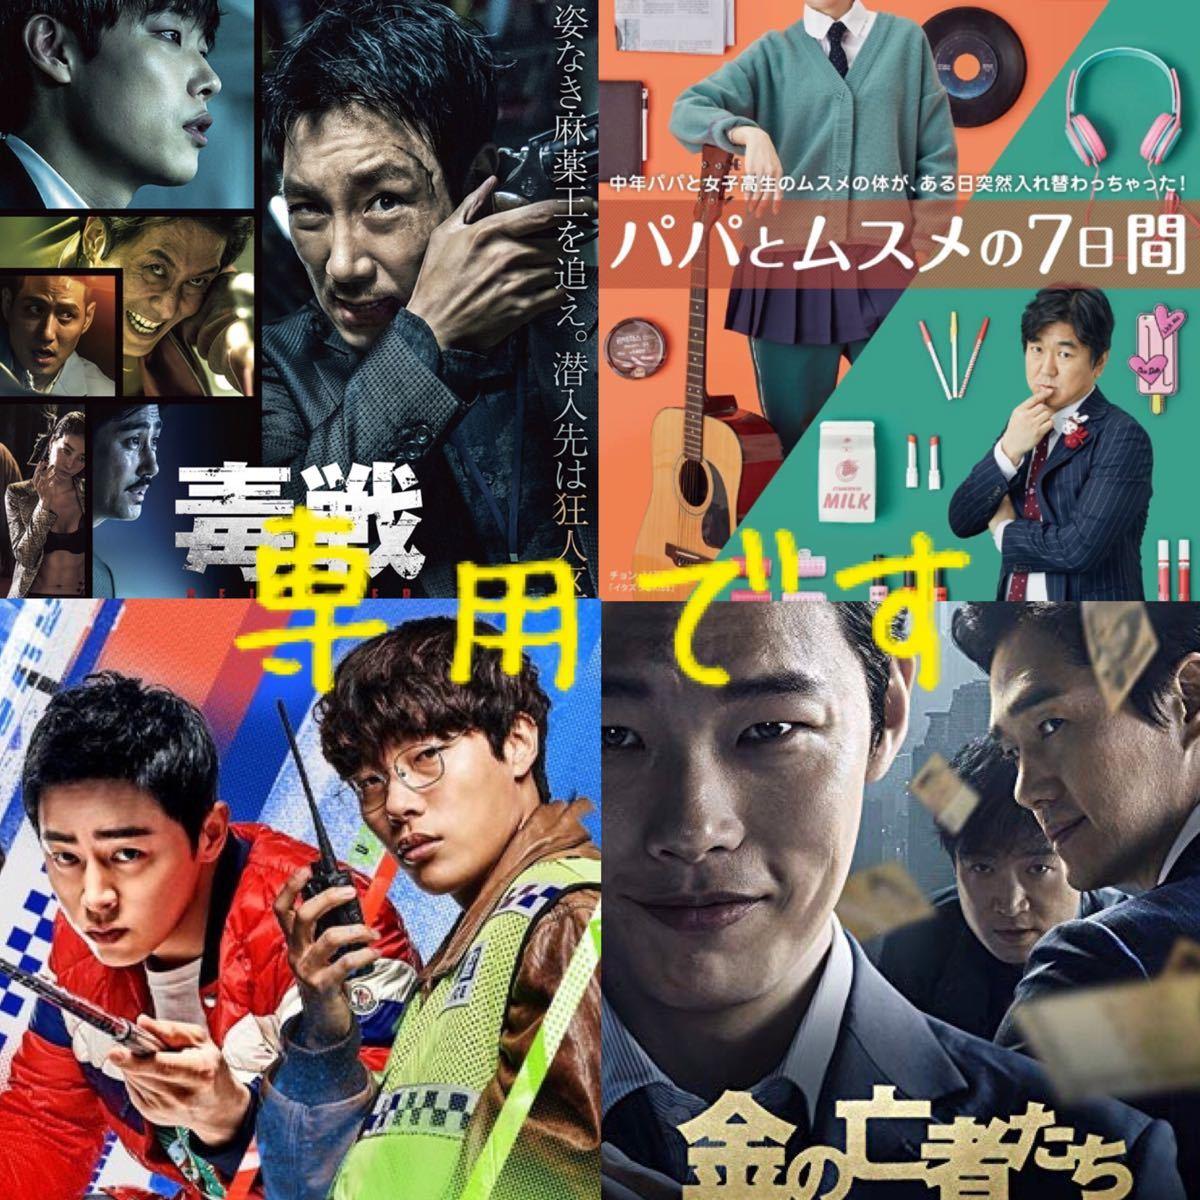 専用です。韓国映画 リュ・ジュンヨル 出演映画 3点セット+選べるおまけ1枚 合計DVD4枚 レーベル有り